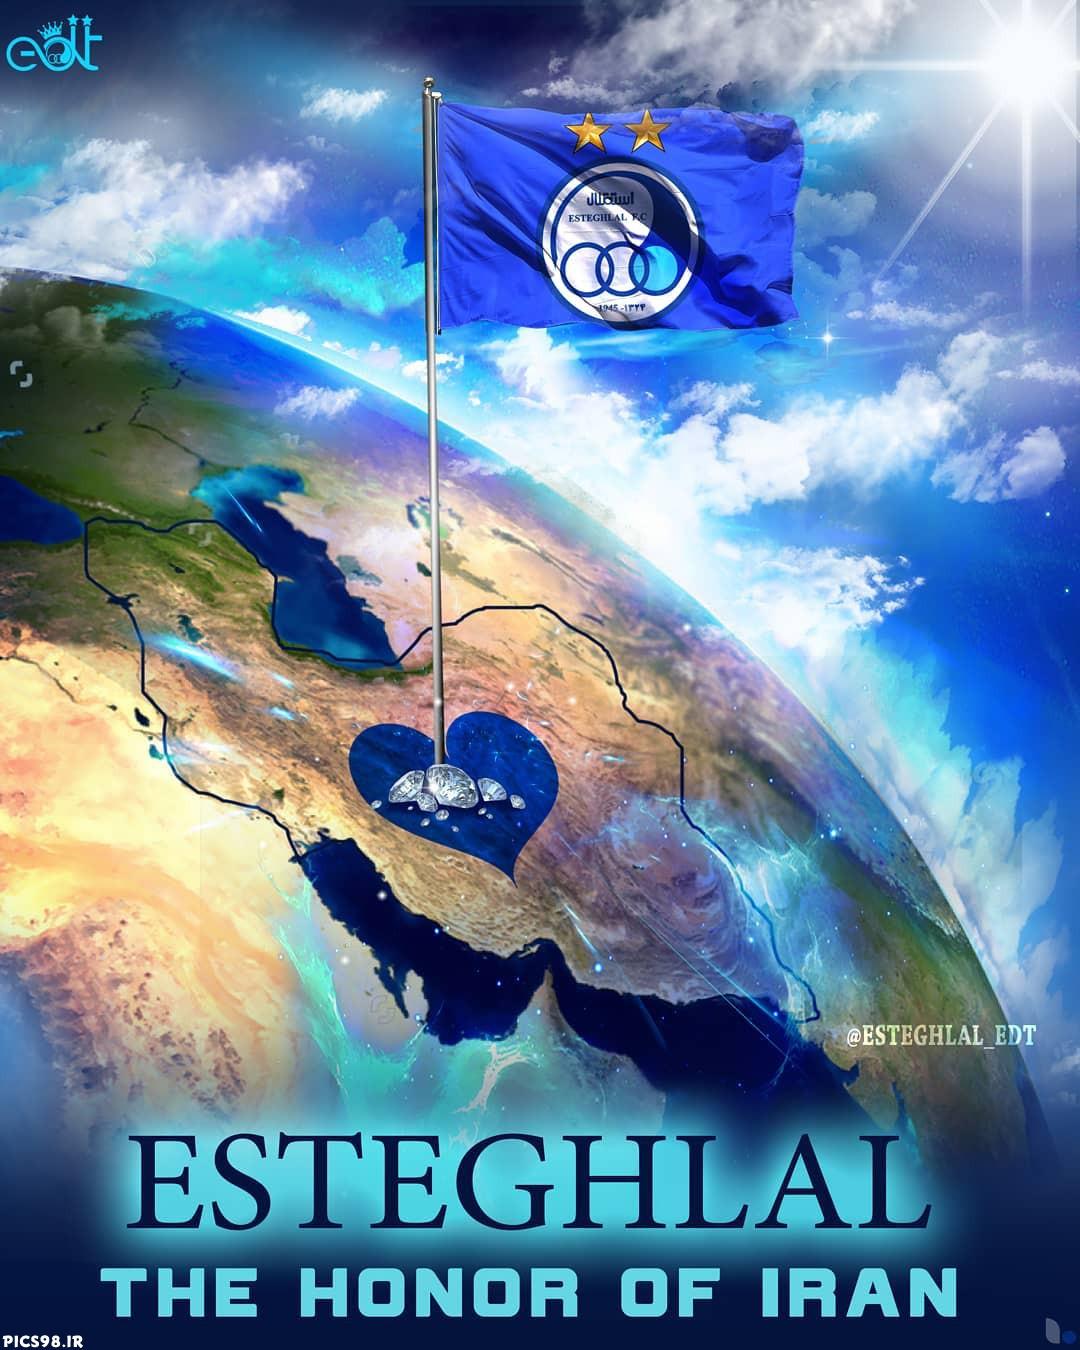 عکس پروفایل هواداری استقلال با نقشه ایران و پرچم آبی